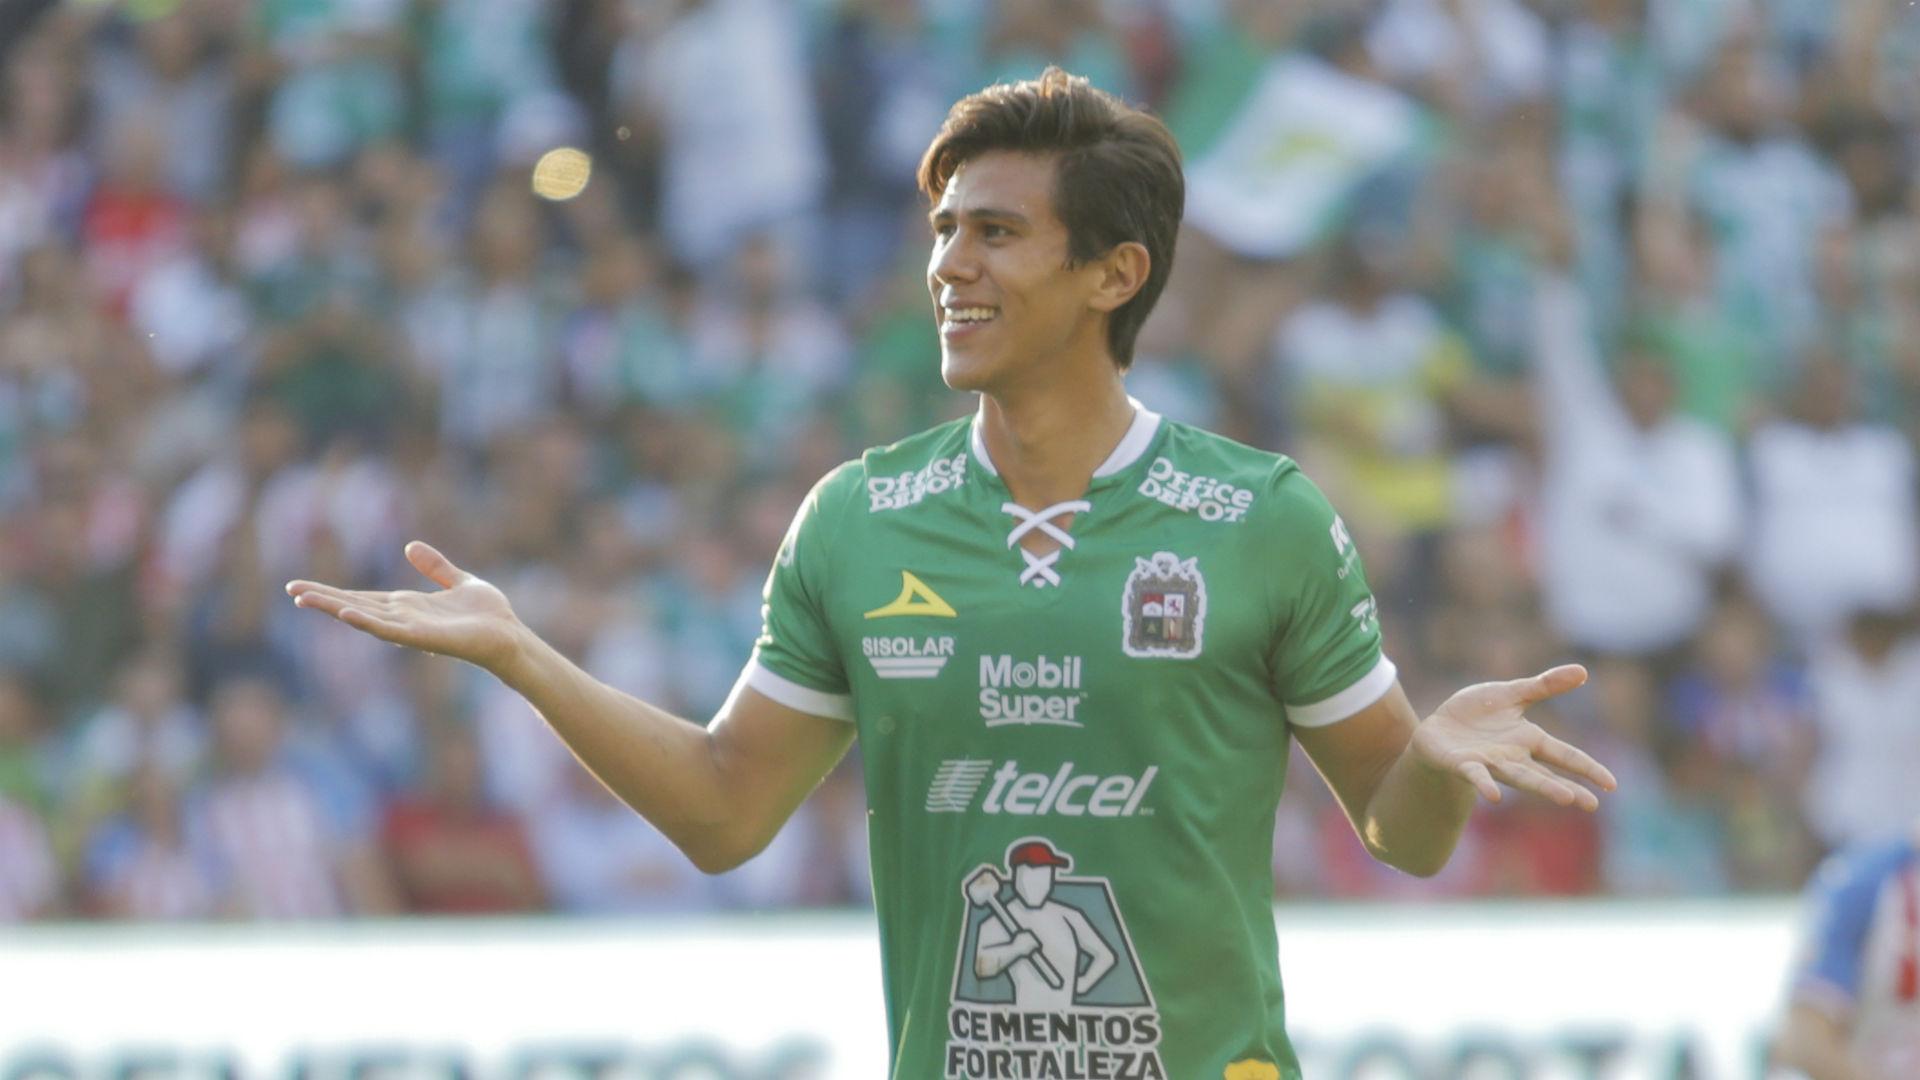 Jose Juan Macias Leon